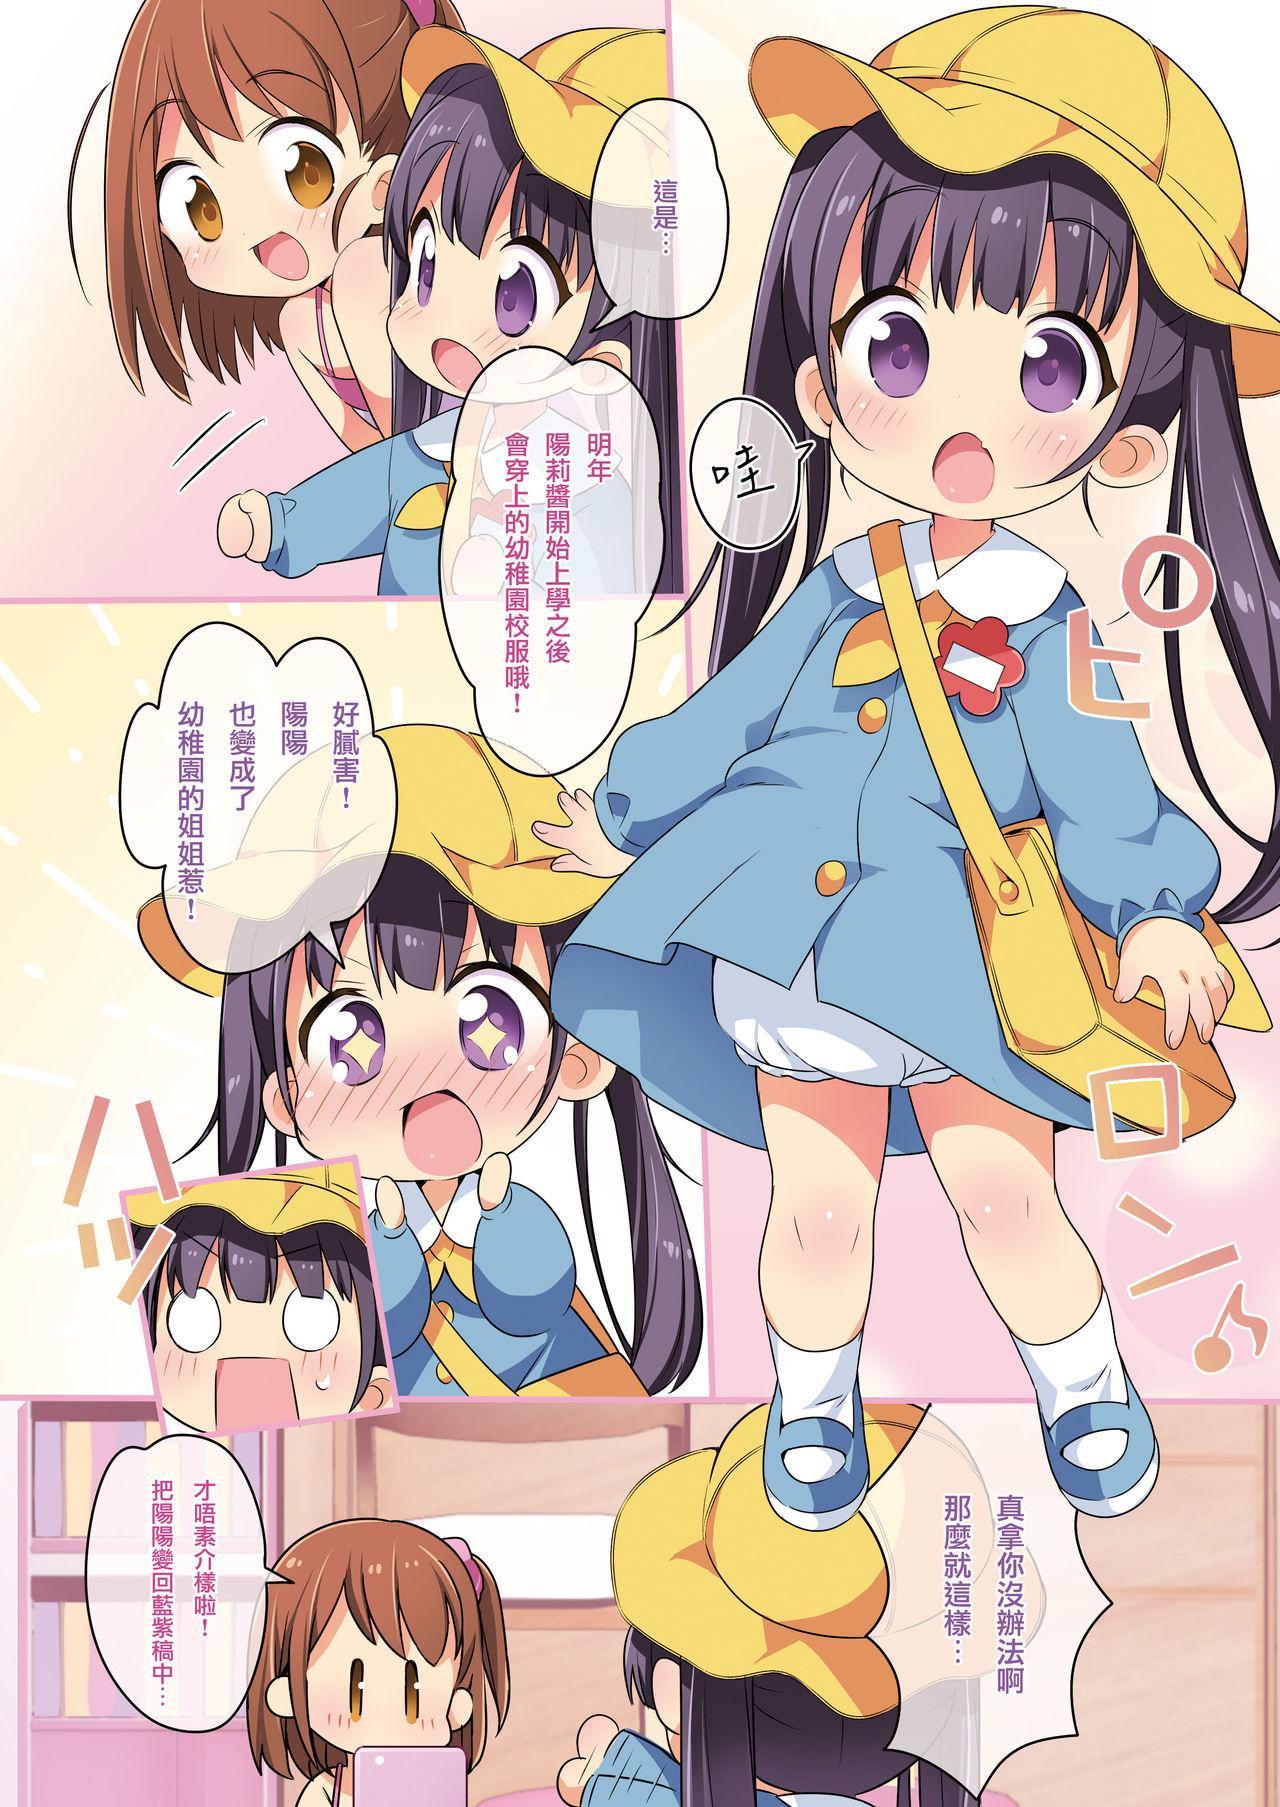 Kisekae Appli de Kawaiku Henshin! 17